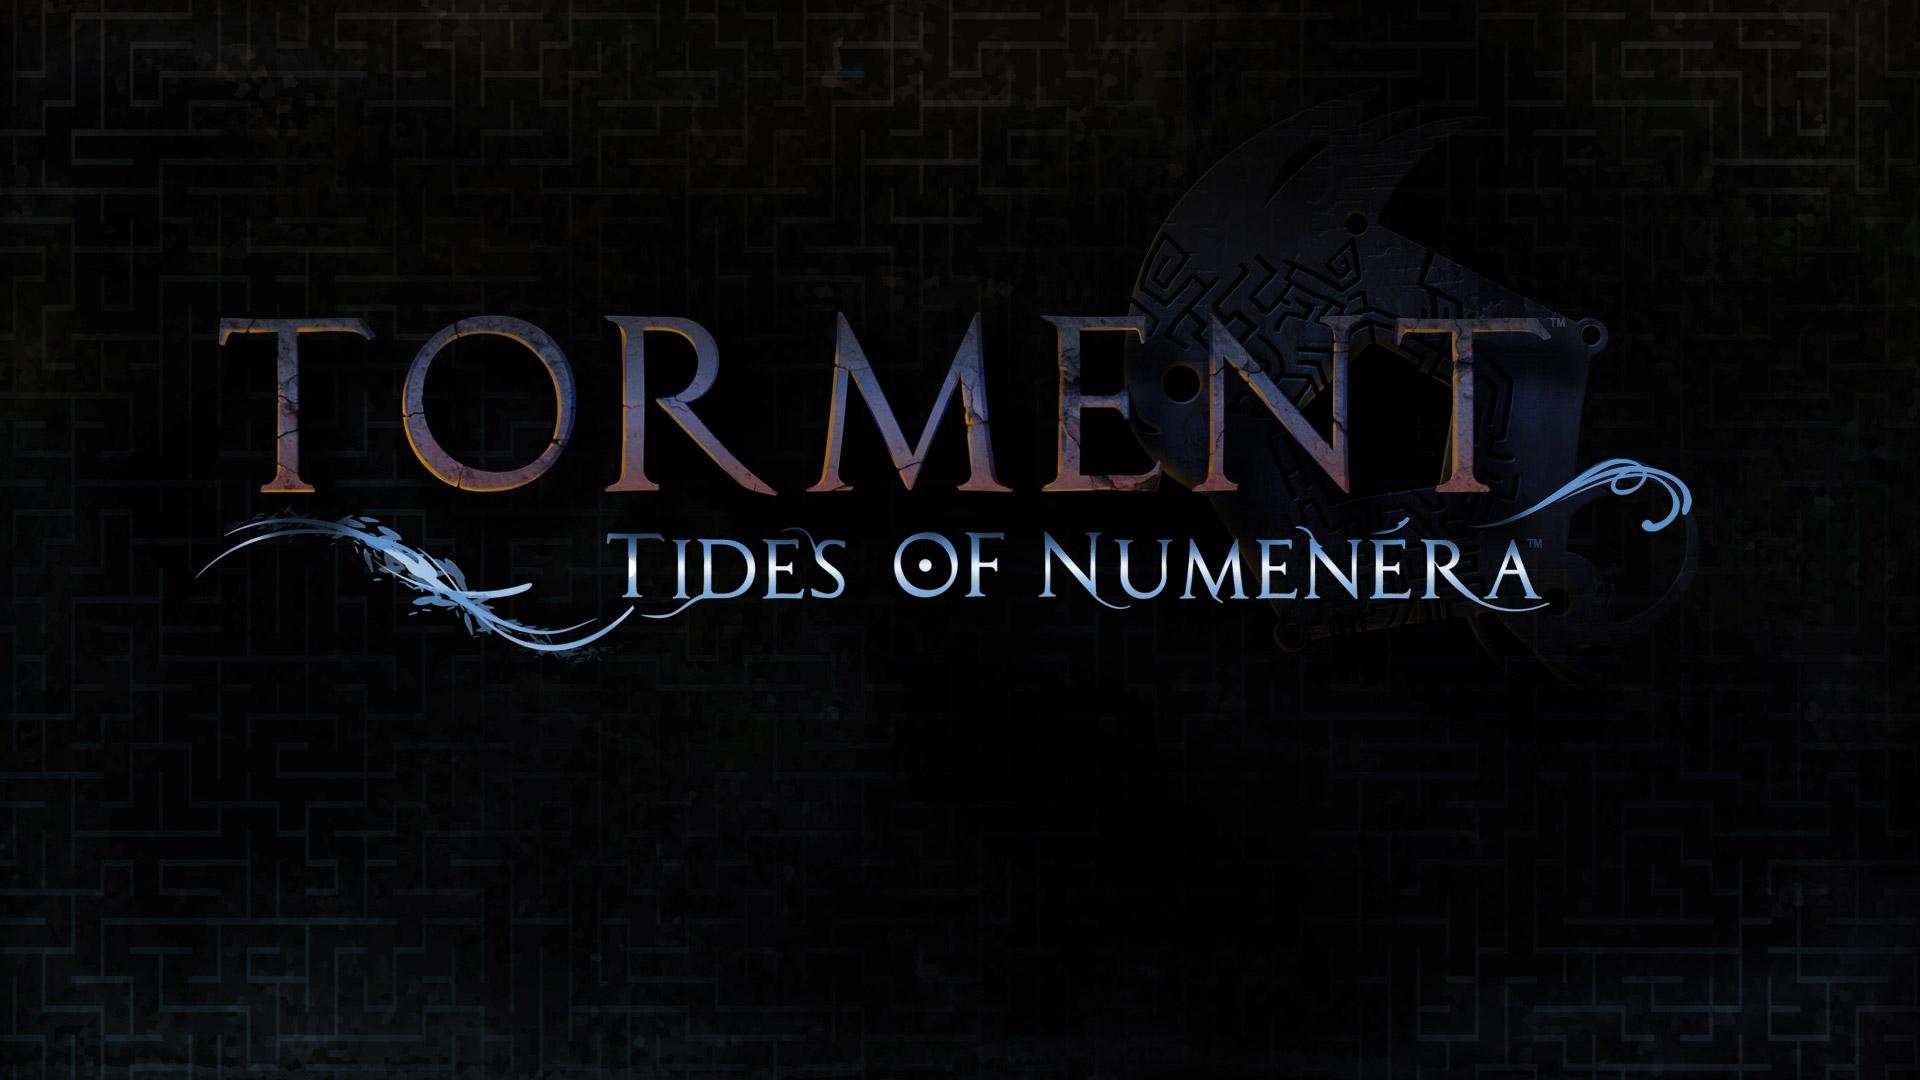 Free Torment: Tides of Numenera Wallpaper in 1920x1080